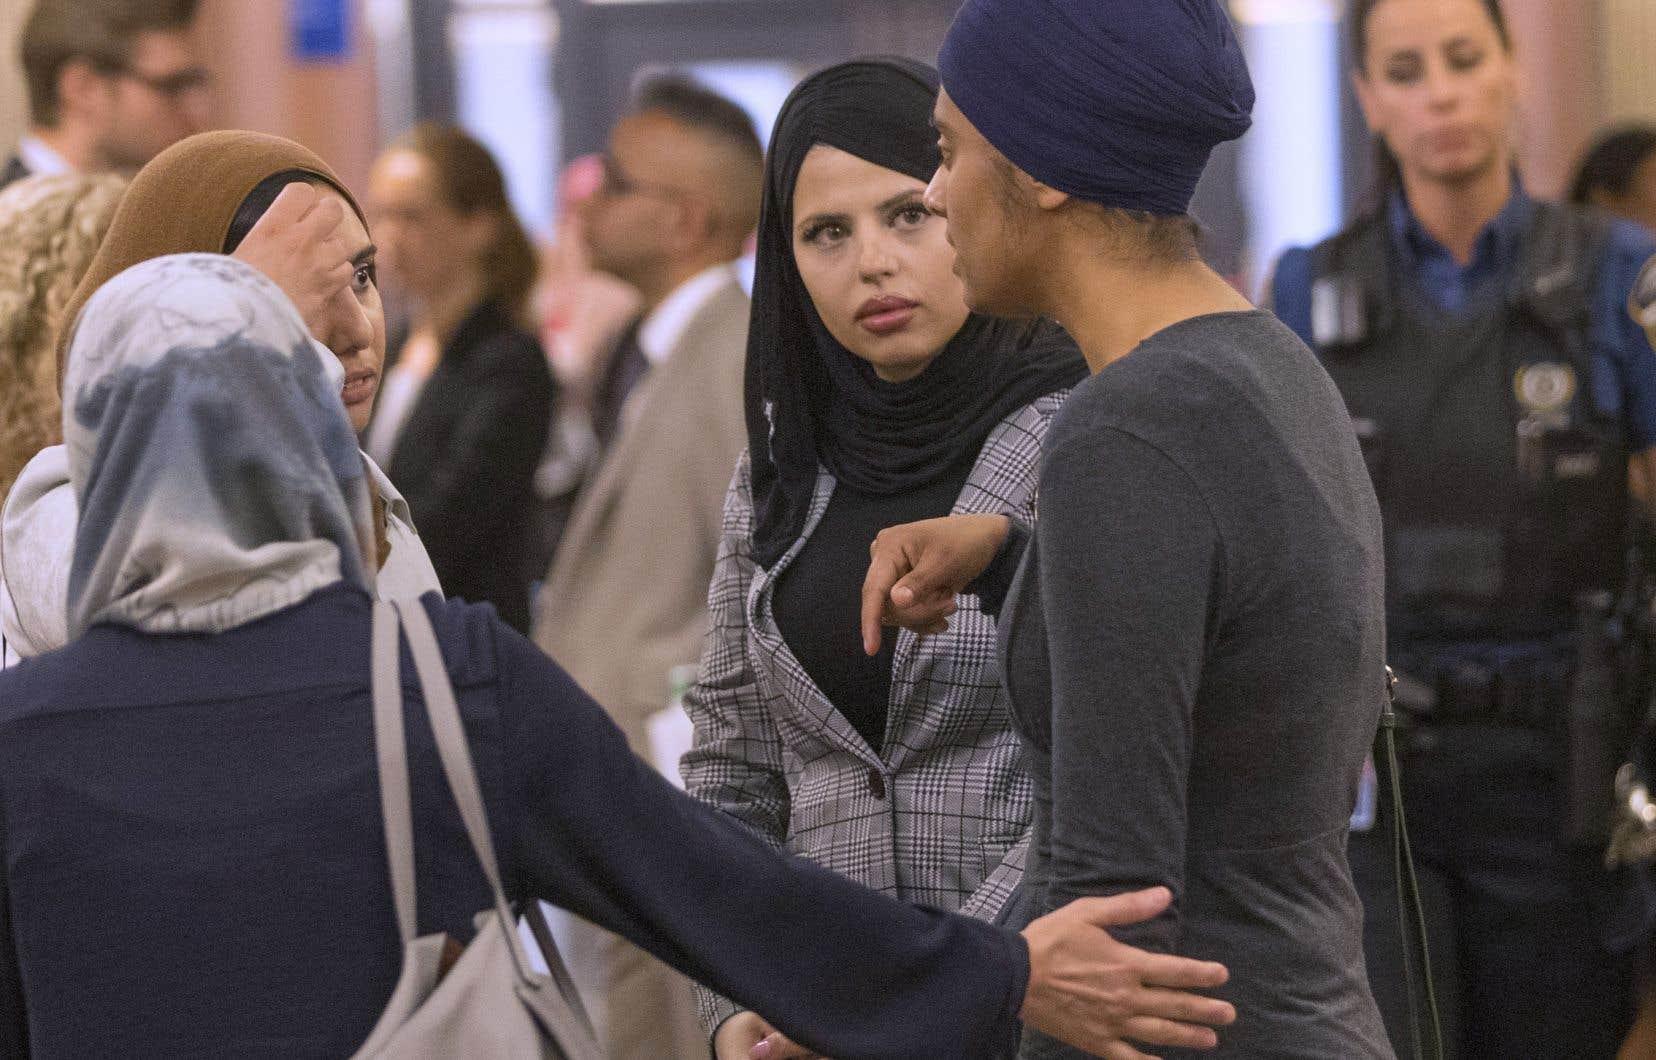 Le Conseil national des musulmans canadiens (CNMC) et l'Association canadienne des libertés civiles (ACLC) s'étaient adressés à la Cour supérieure pour que deux articles portant sur le port de signes religieux ne s'appliquent pas.